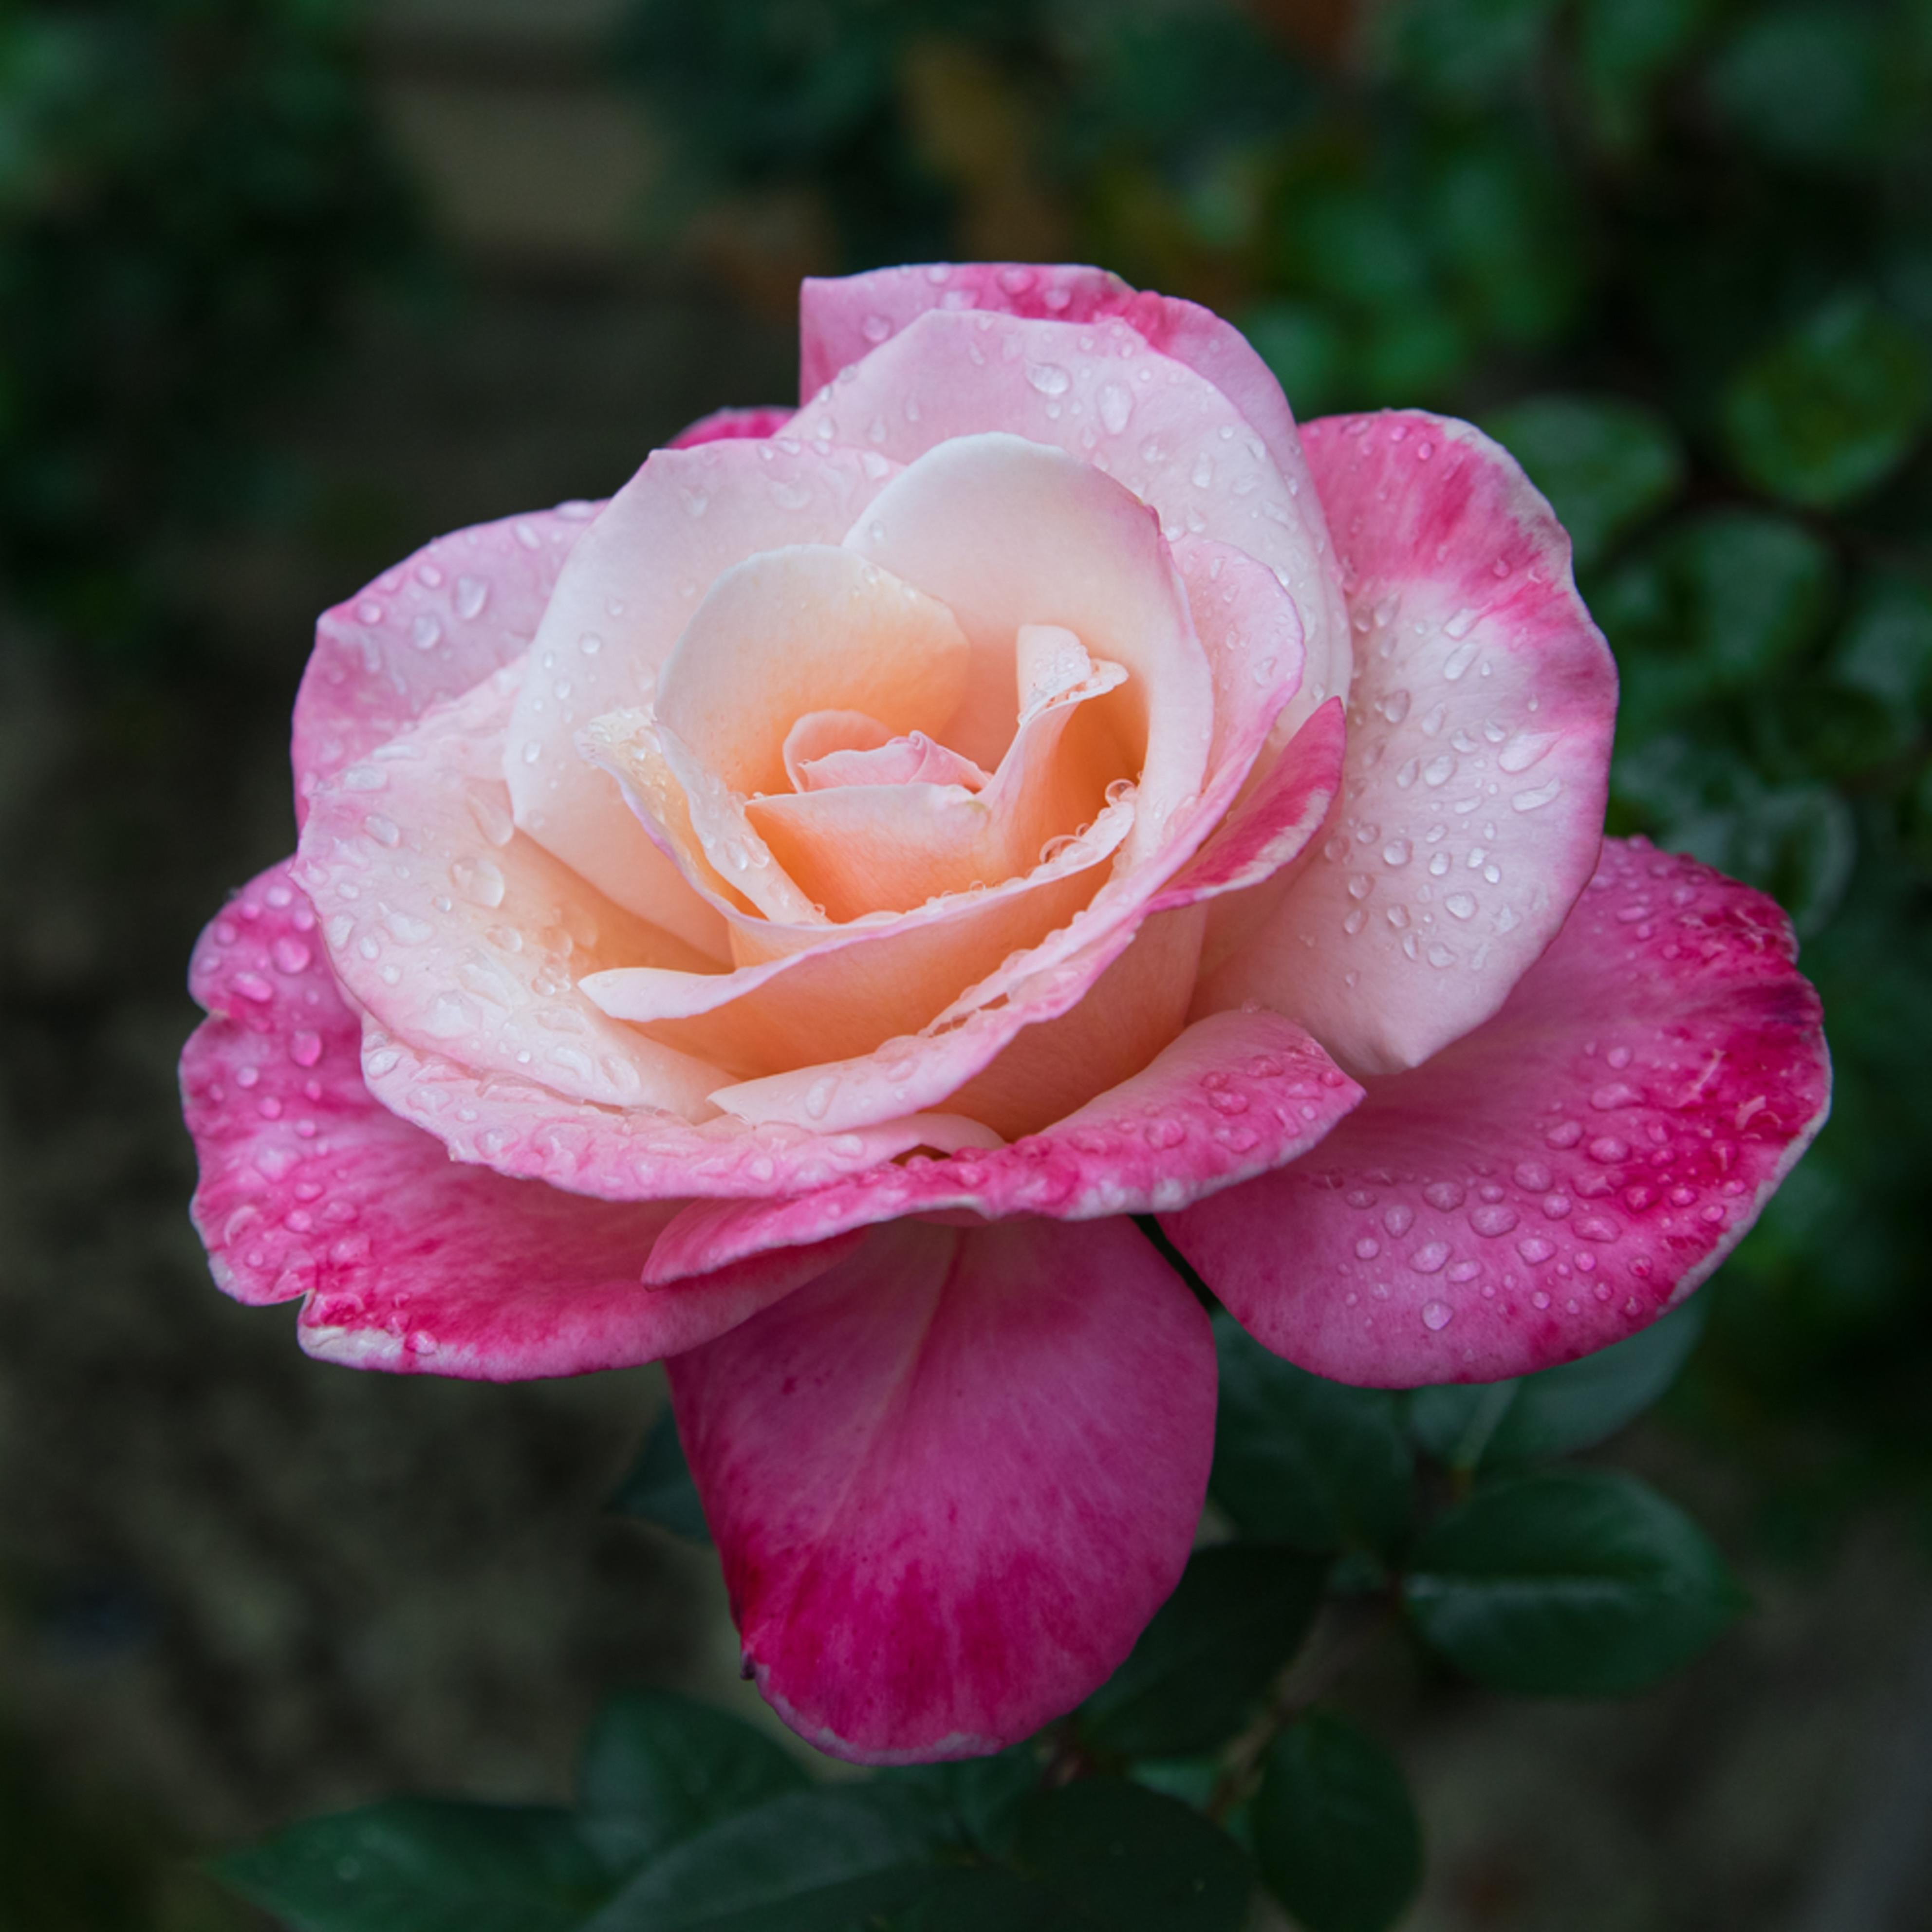 Rose1 eejtvf